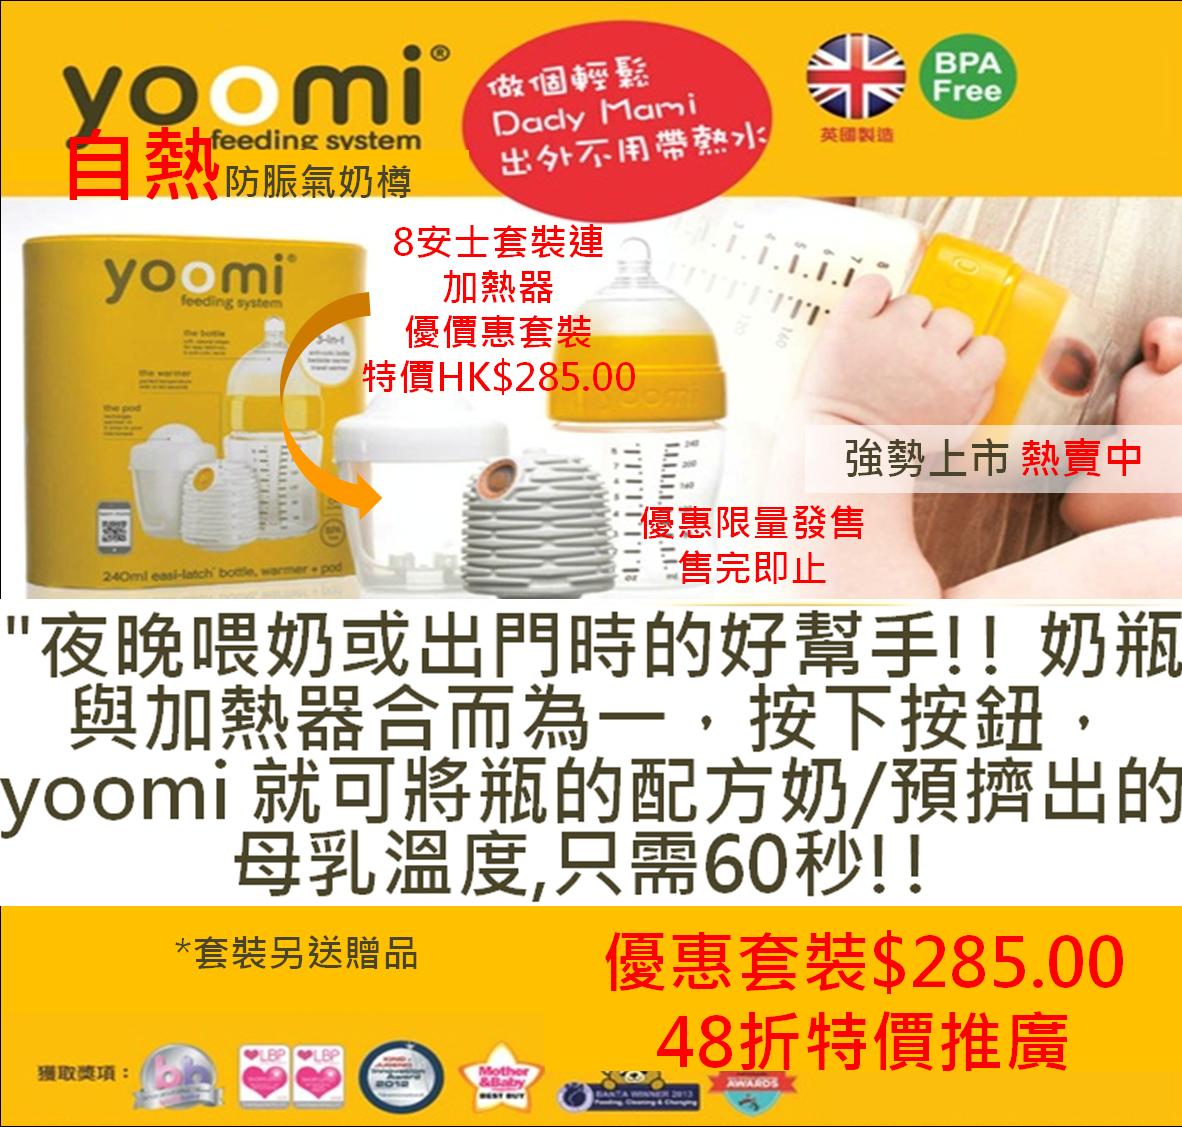 英國Yoomi大優惠套裝48折$285起